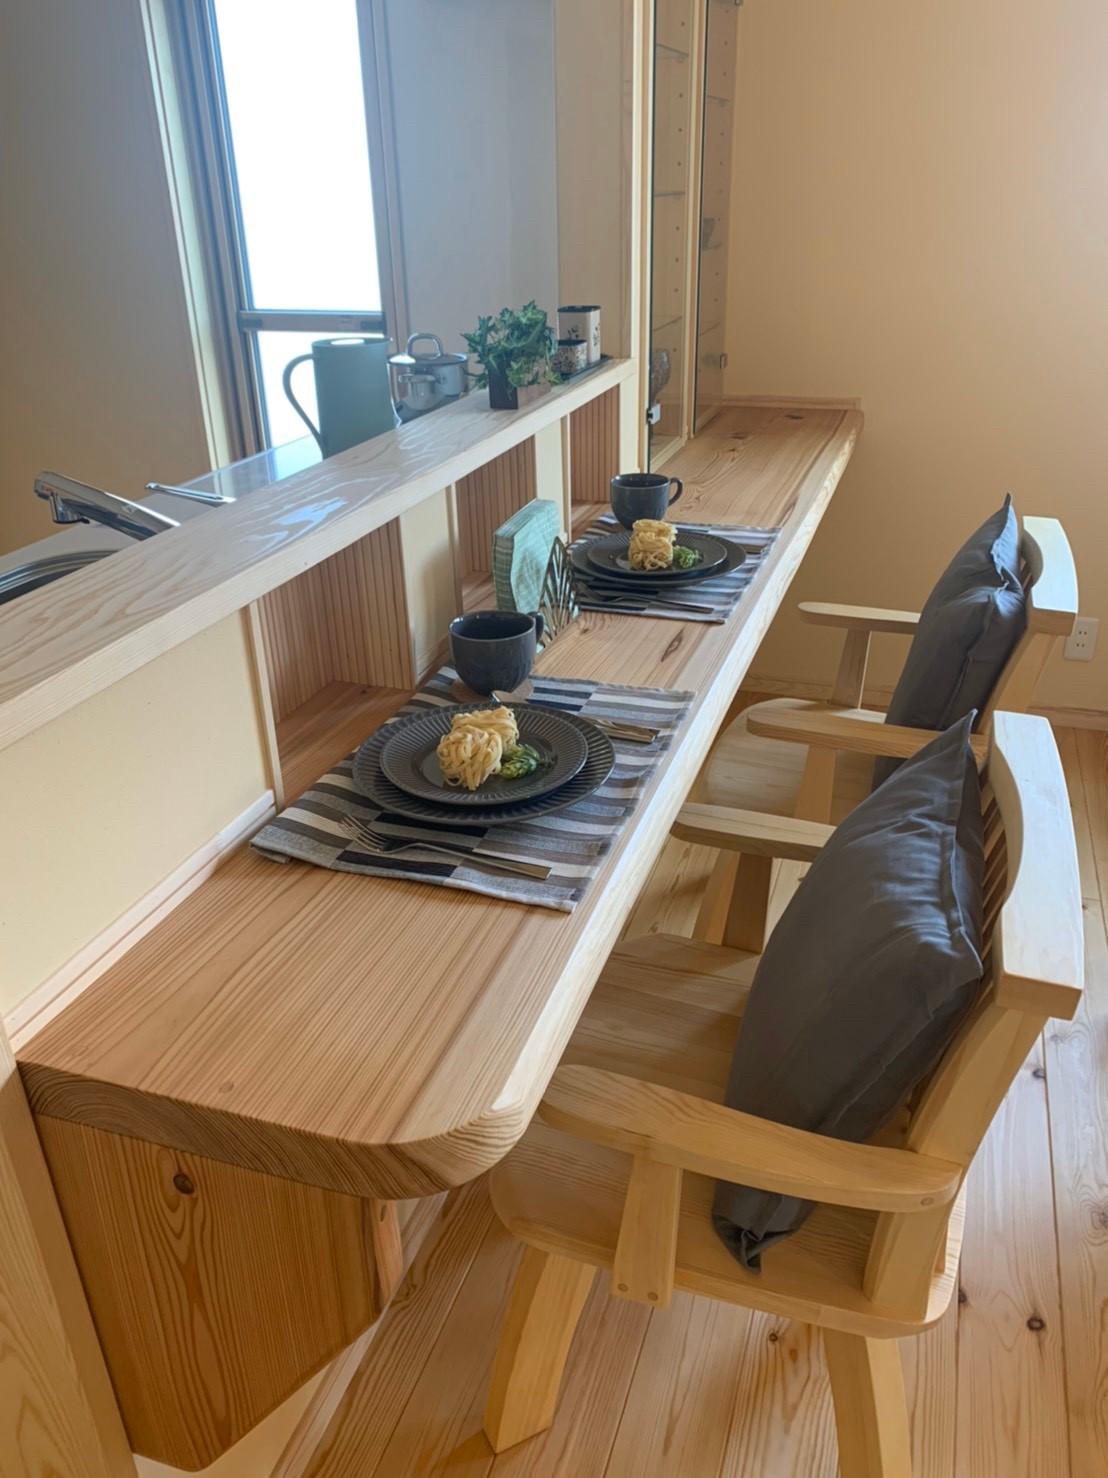 キッチン前にカウンターを設けることで、料理をしながら、お茶をしながら、家族や友人たちと会話を楽しむことができます。